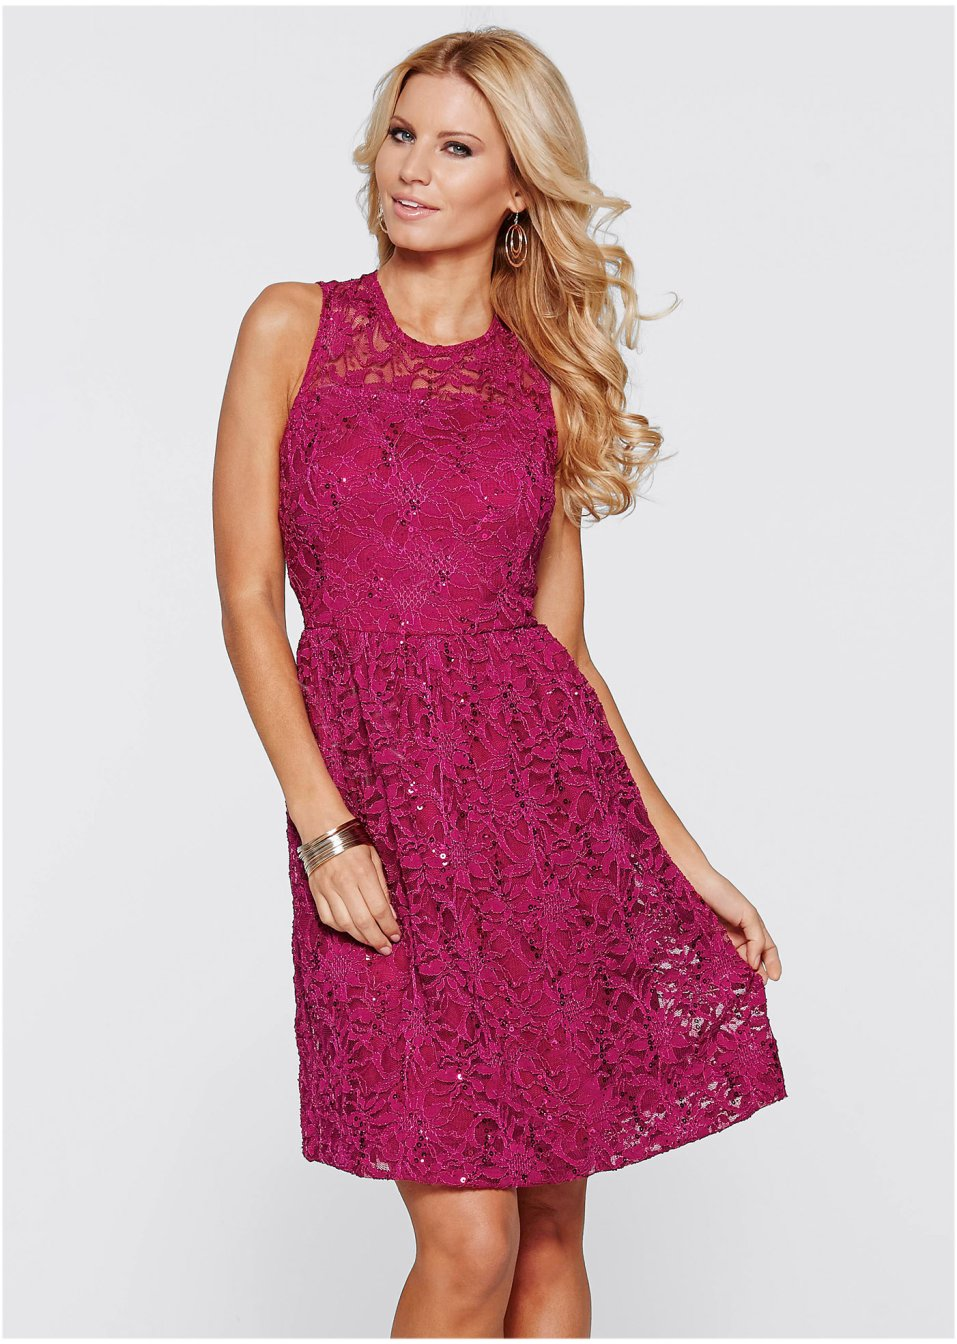 beere Spitzen Kleid Spitzen Tellerrock mit mit Kleid 76gbfmIYyv